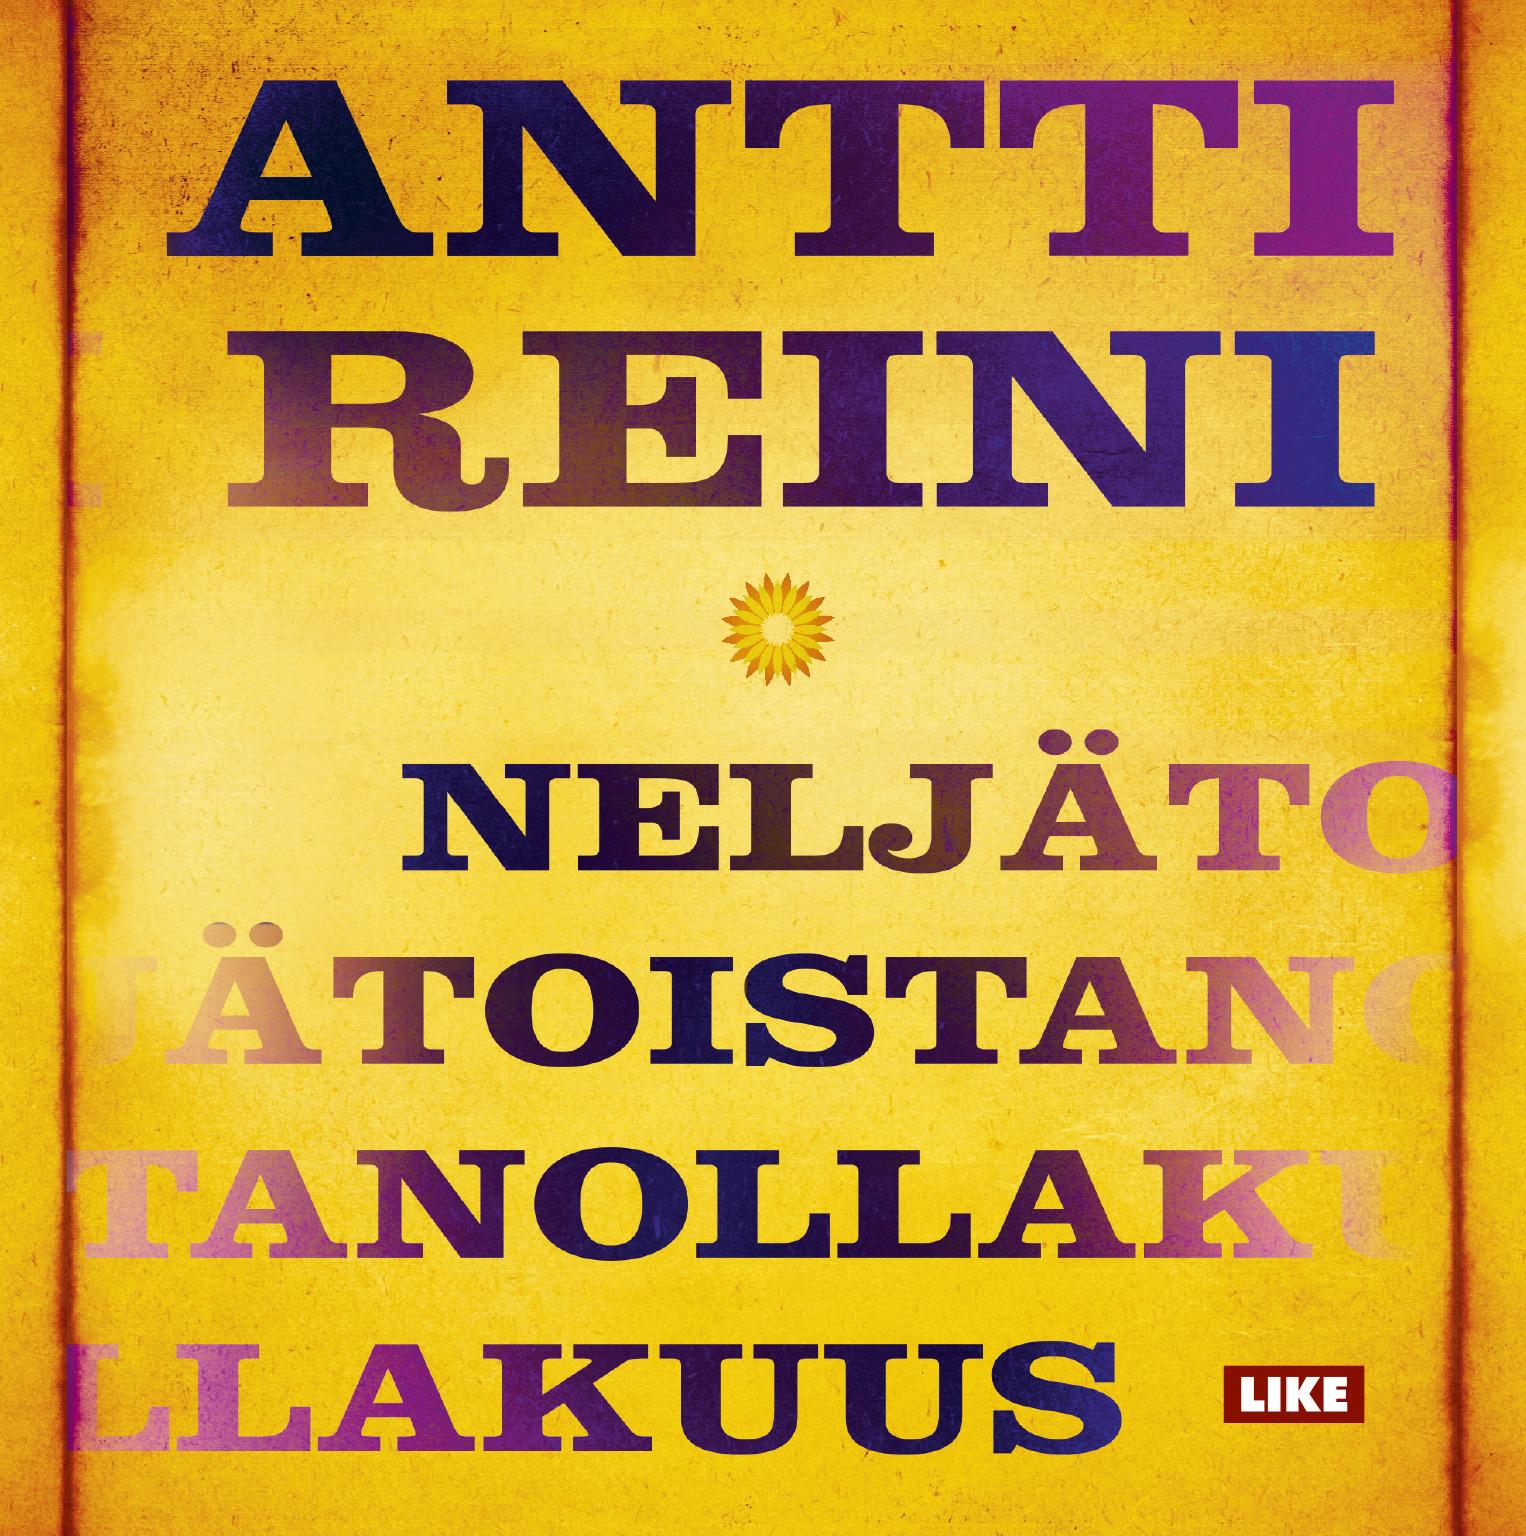 Reini, Antti - Neljätoistanollakuus, äänikirja